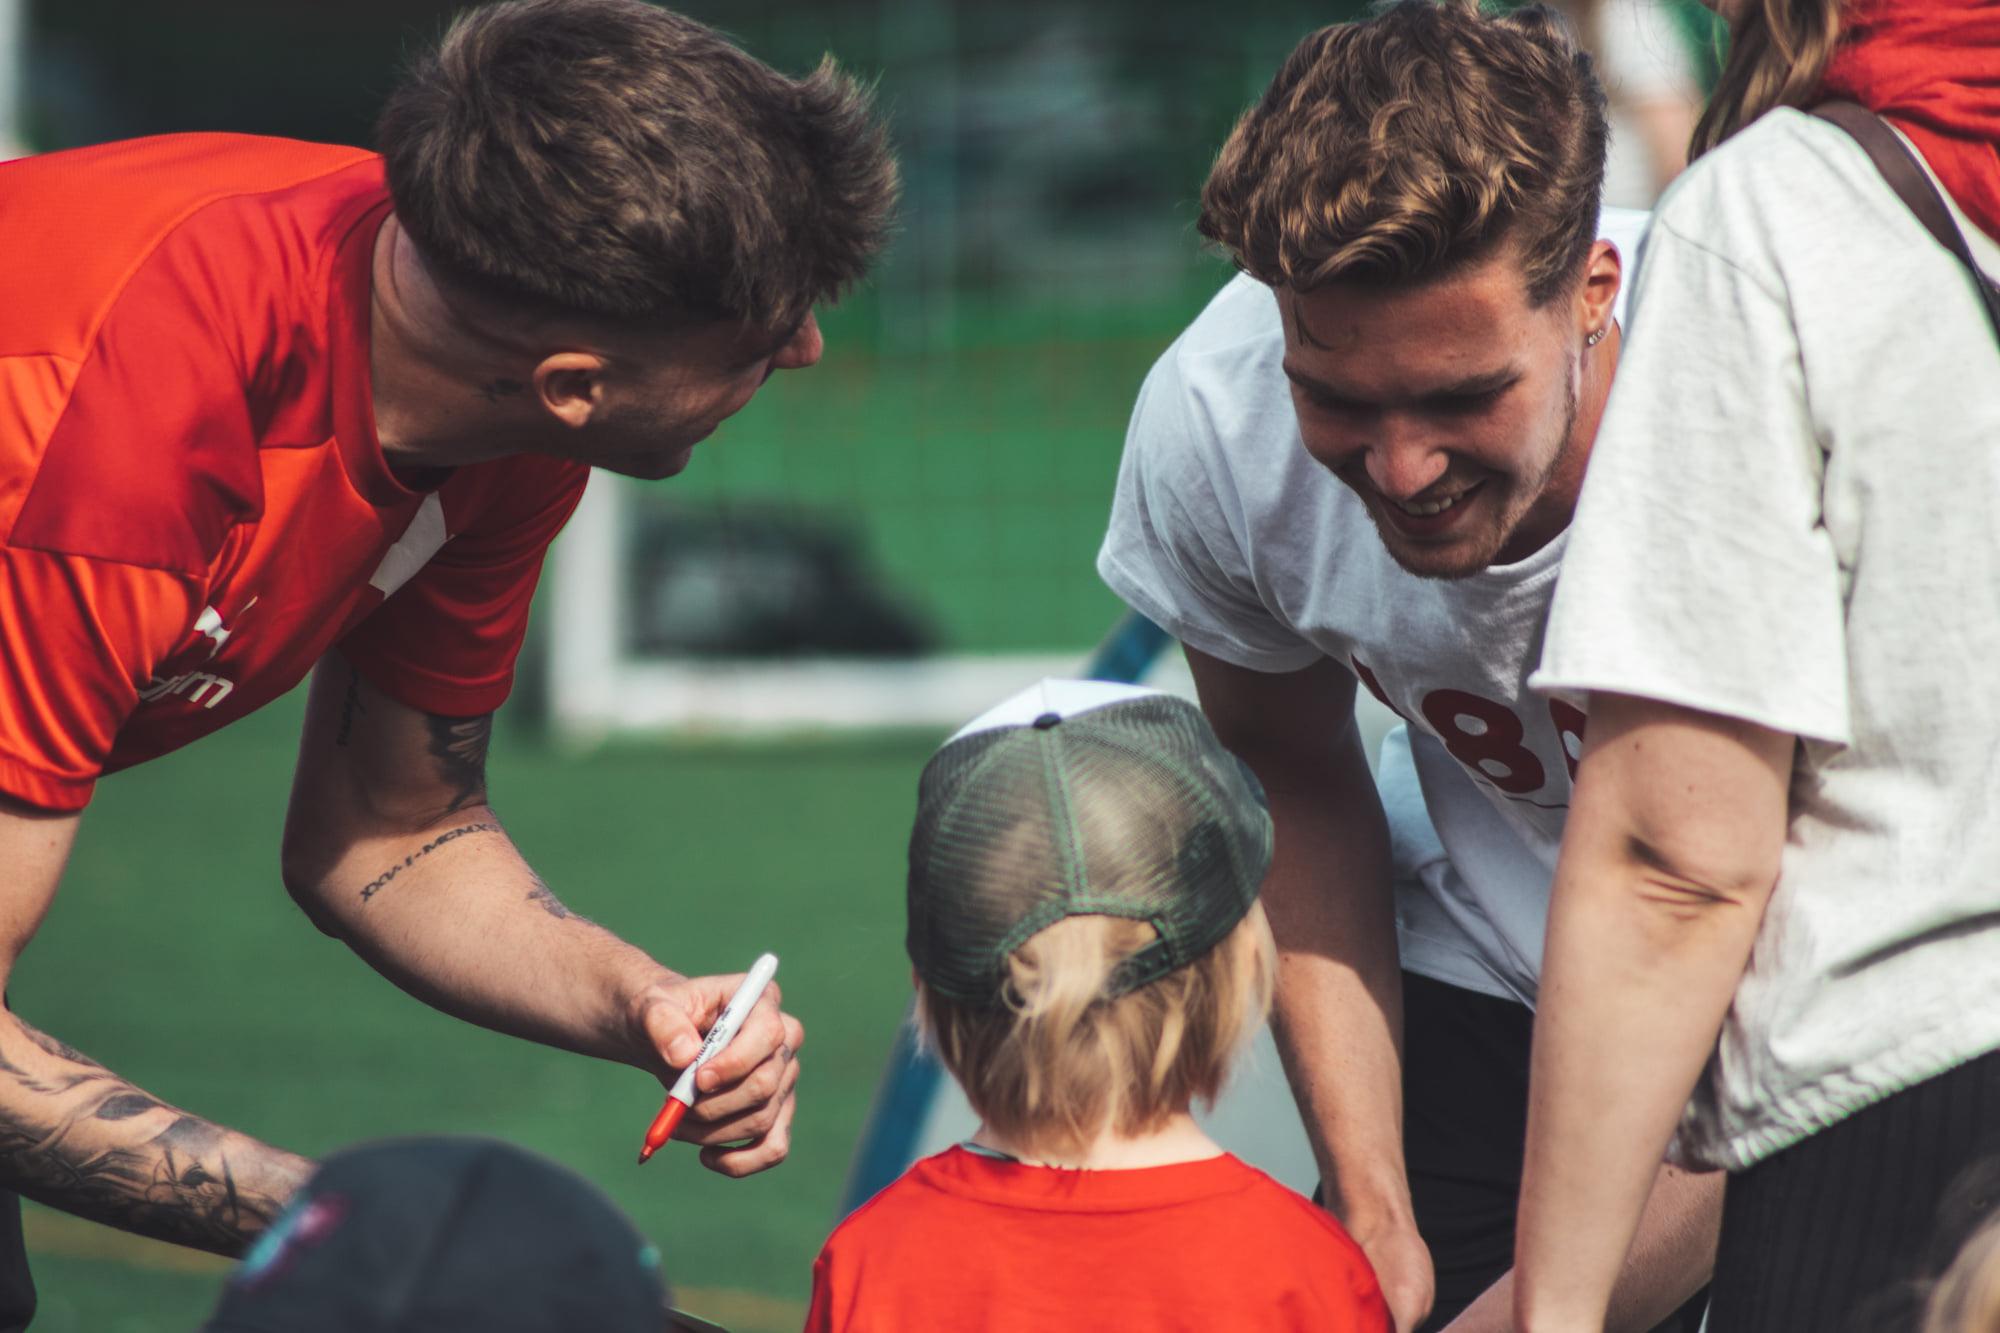 Sommarens roligaste fotbollsläger ordnas igen i augusti